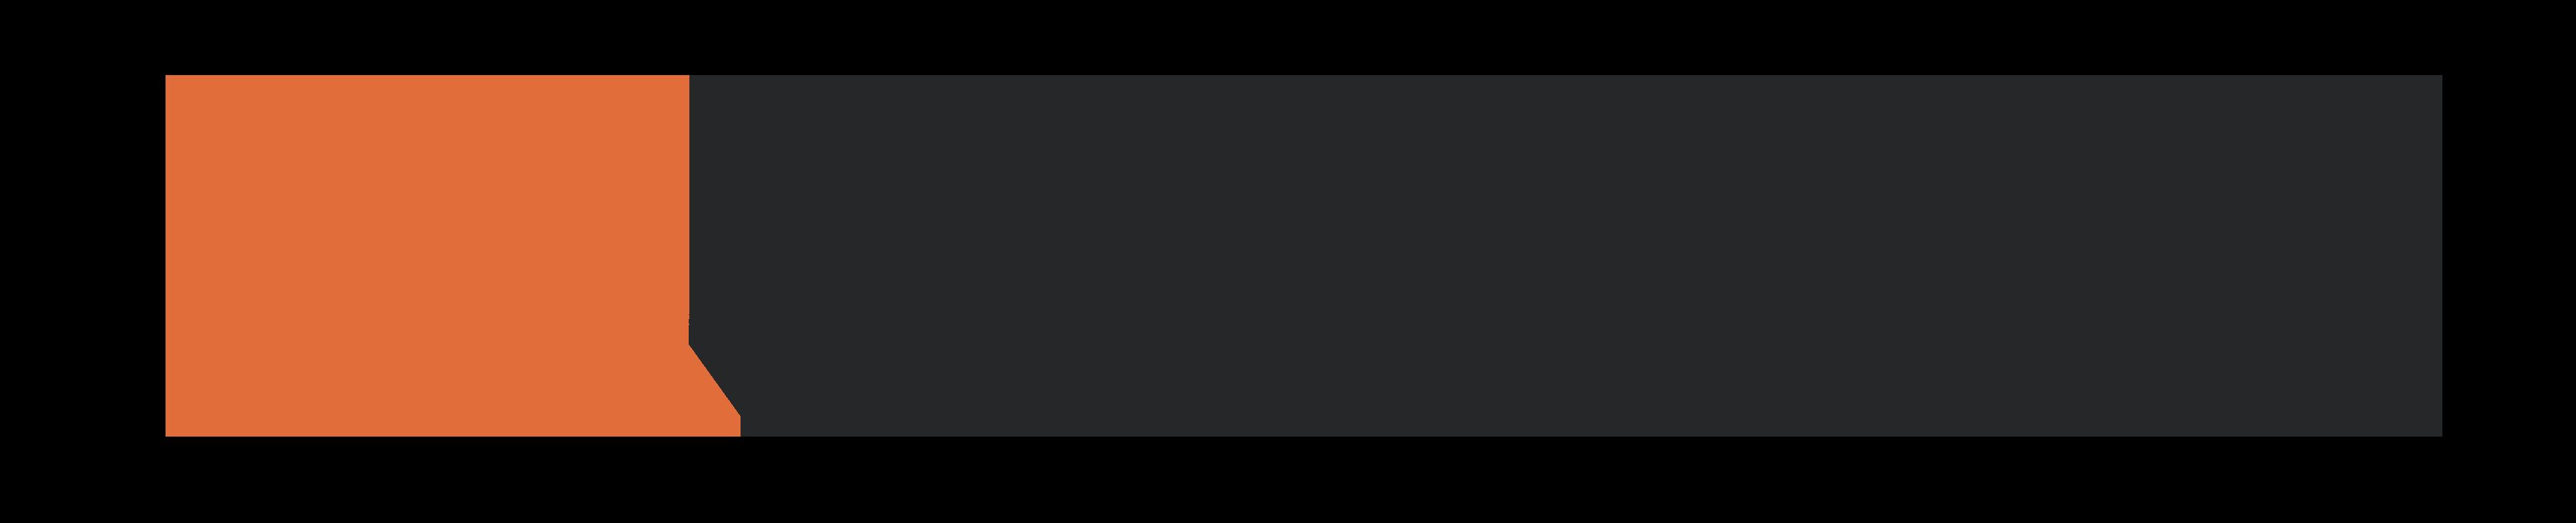 avantera-health